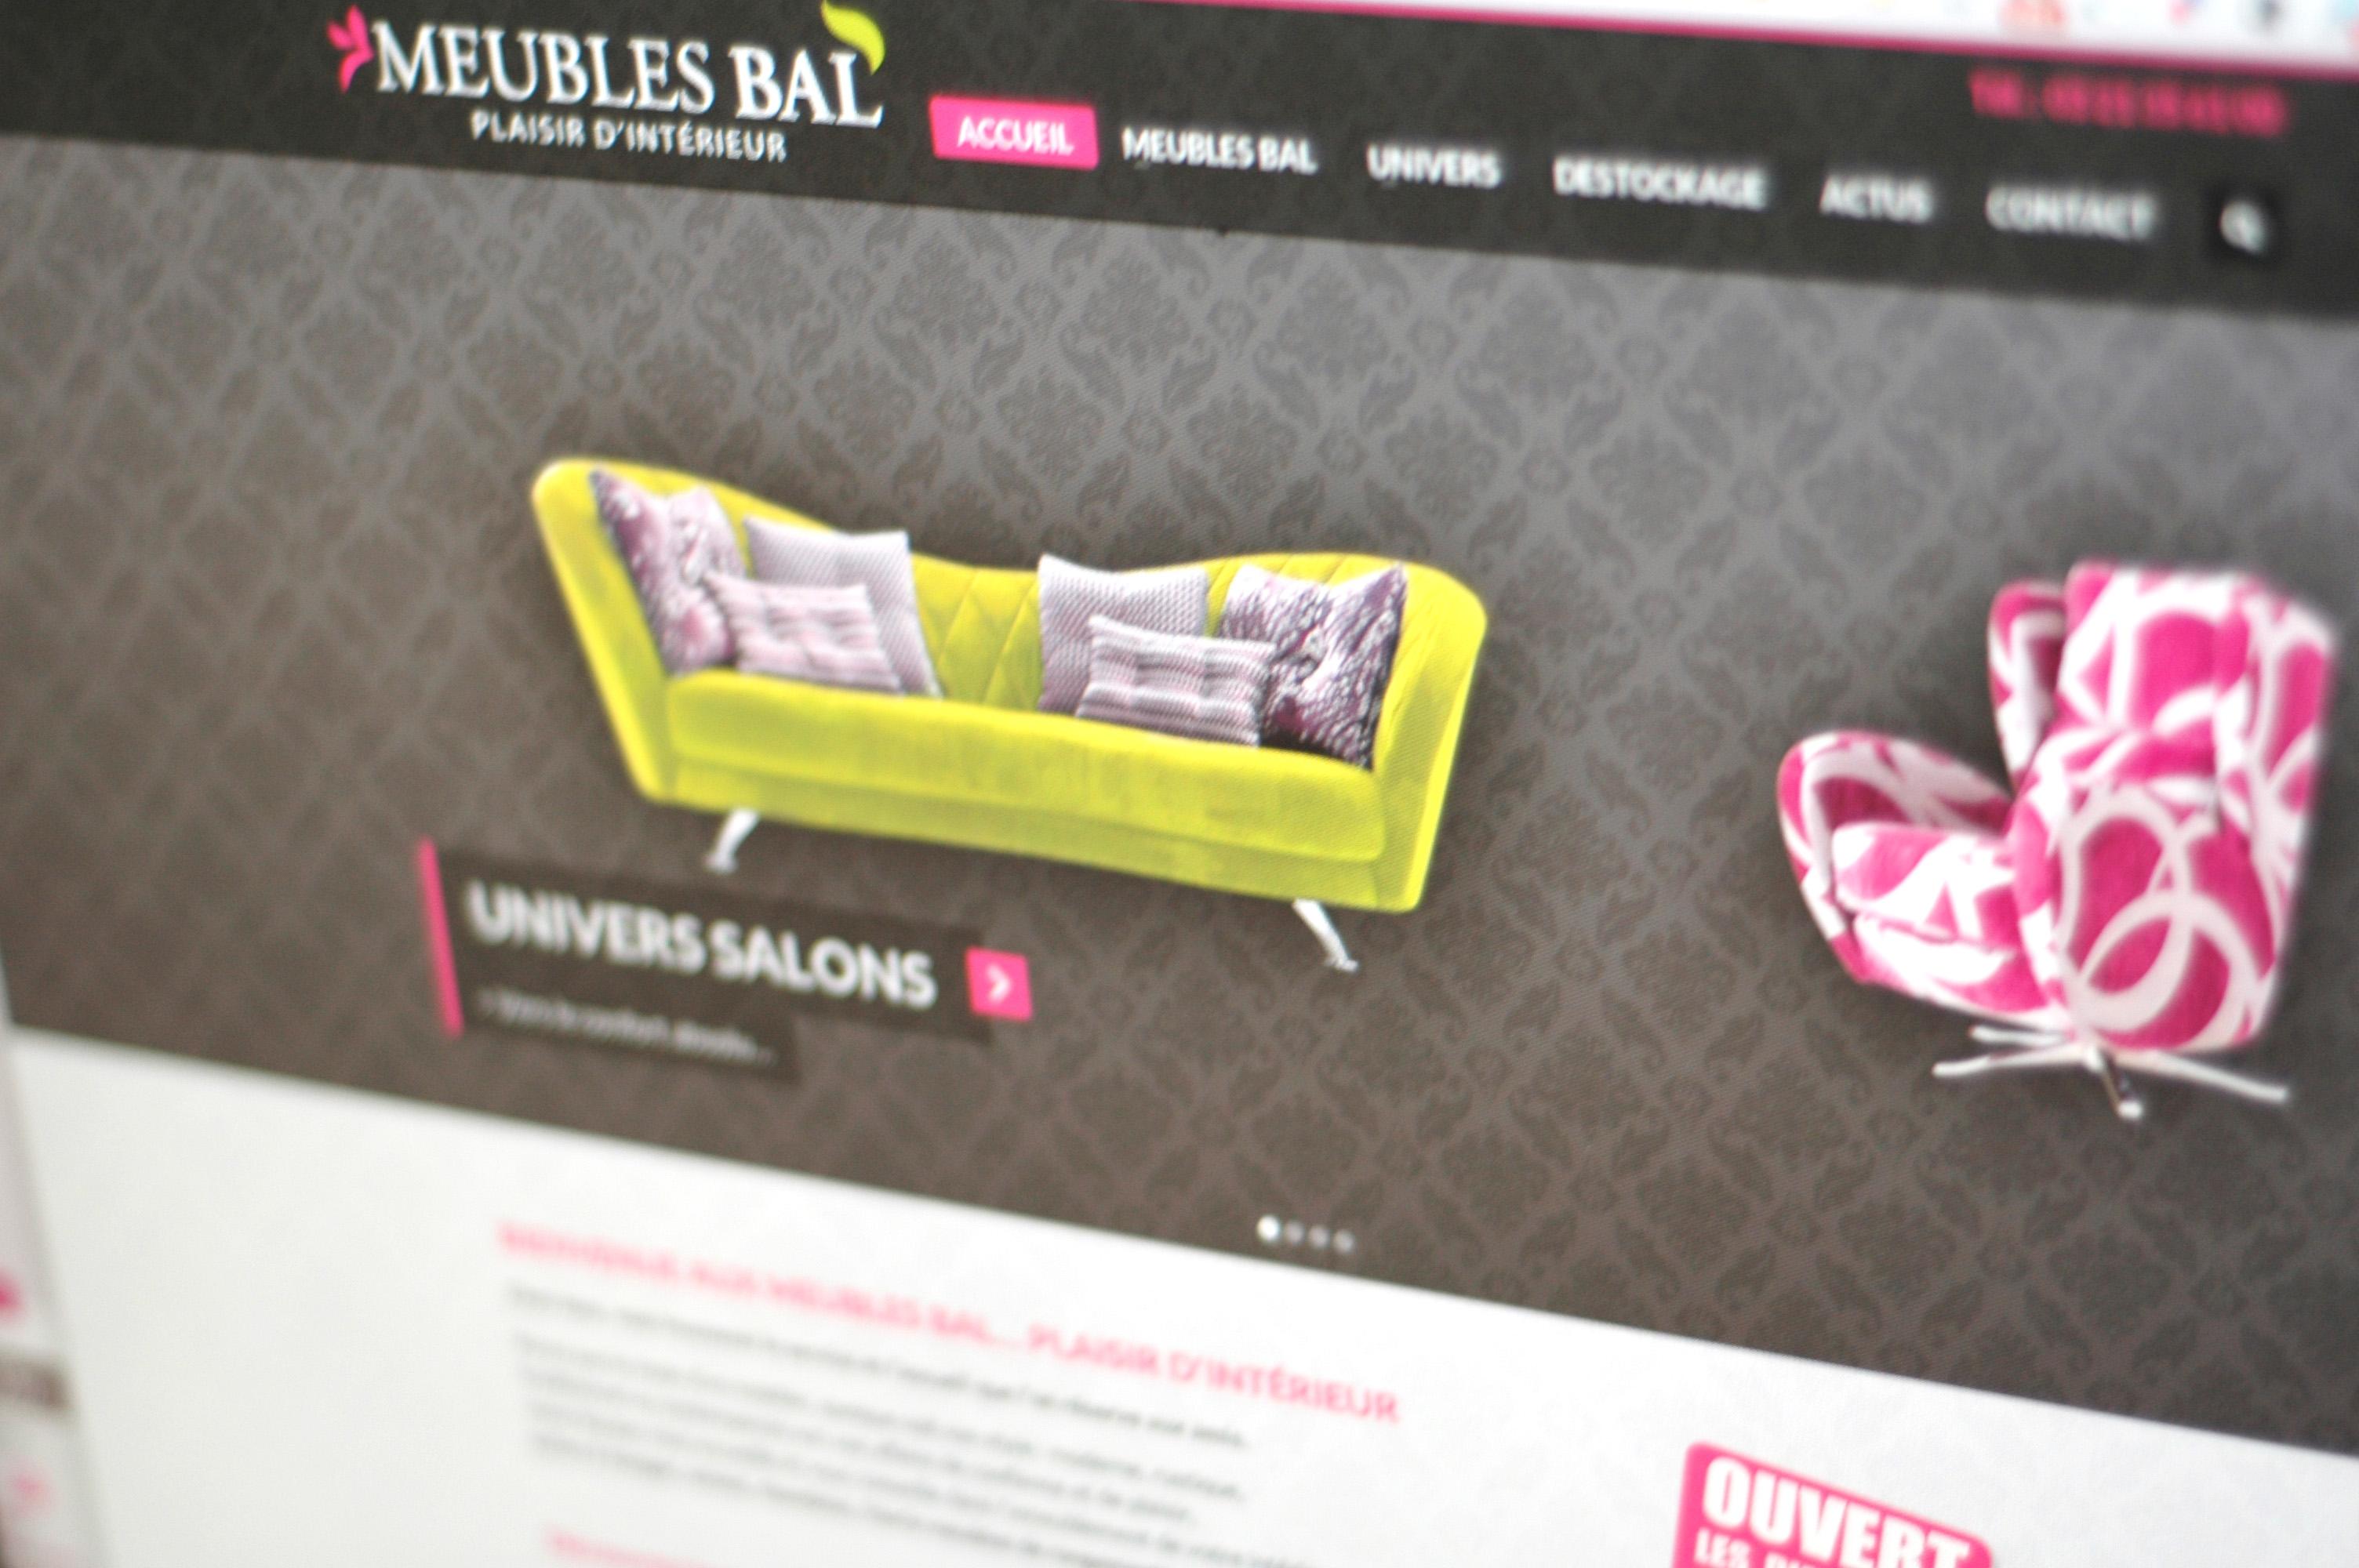 création de site web Saint-Omer nord pas-de-calais 59/62 design de site web wordpress Meubles BAL